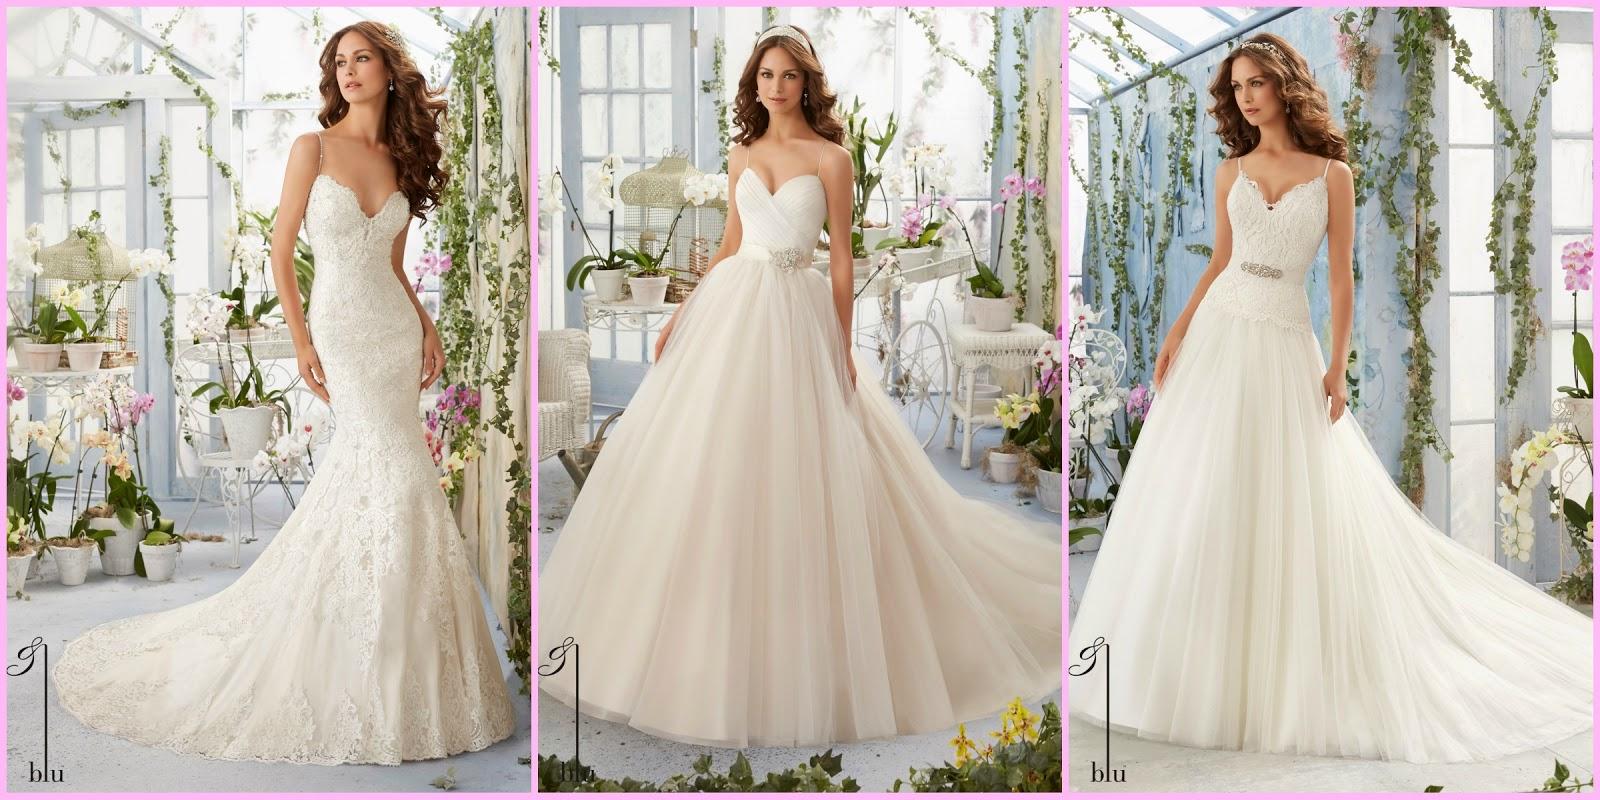 rent wedding dresses miami photo - 1